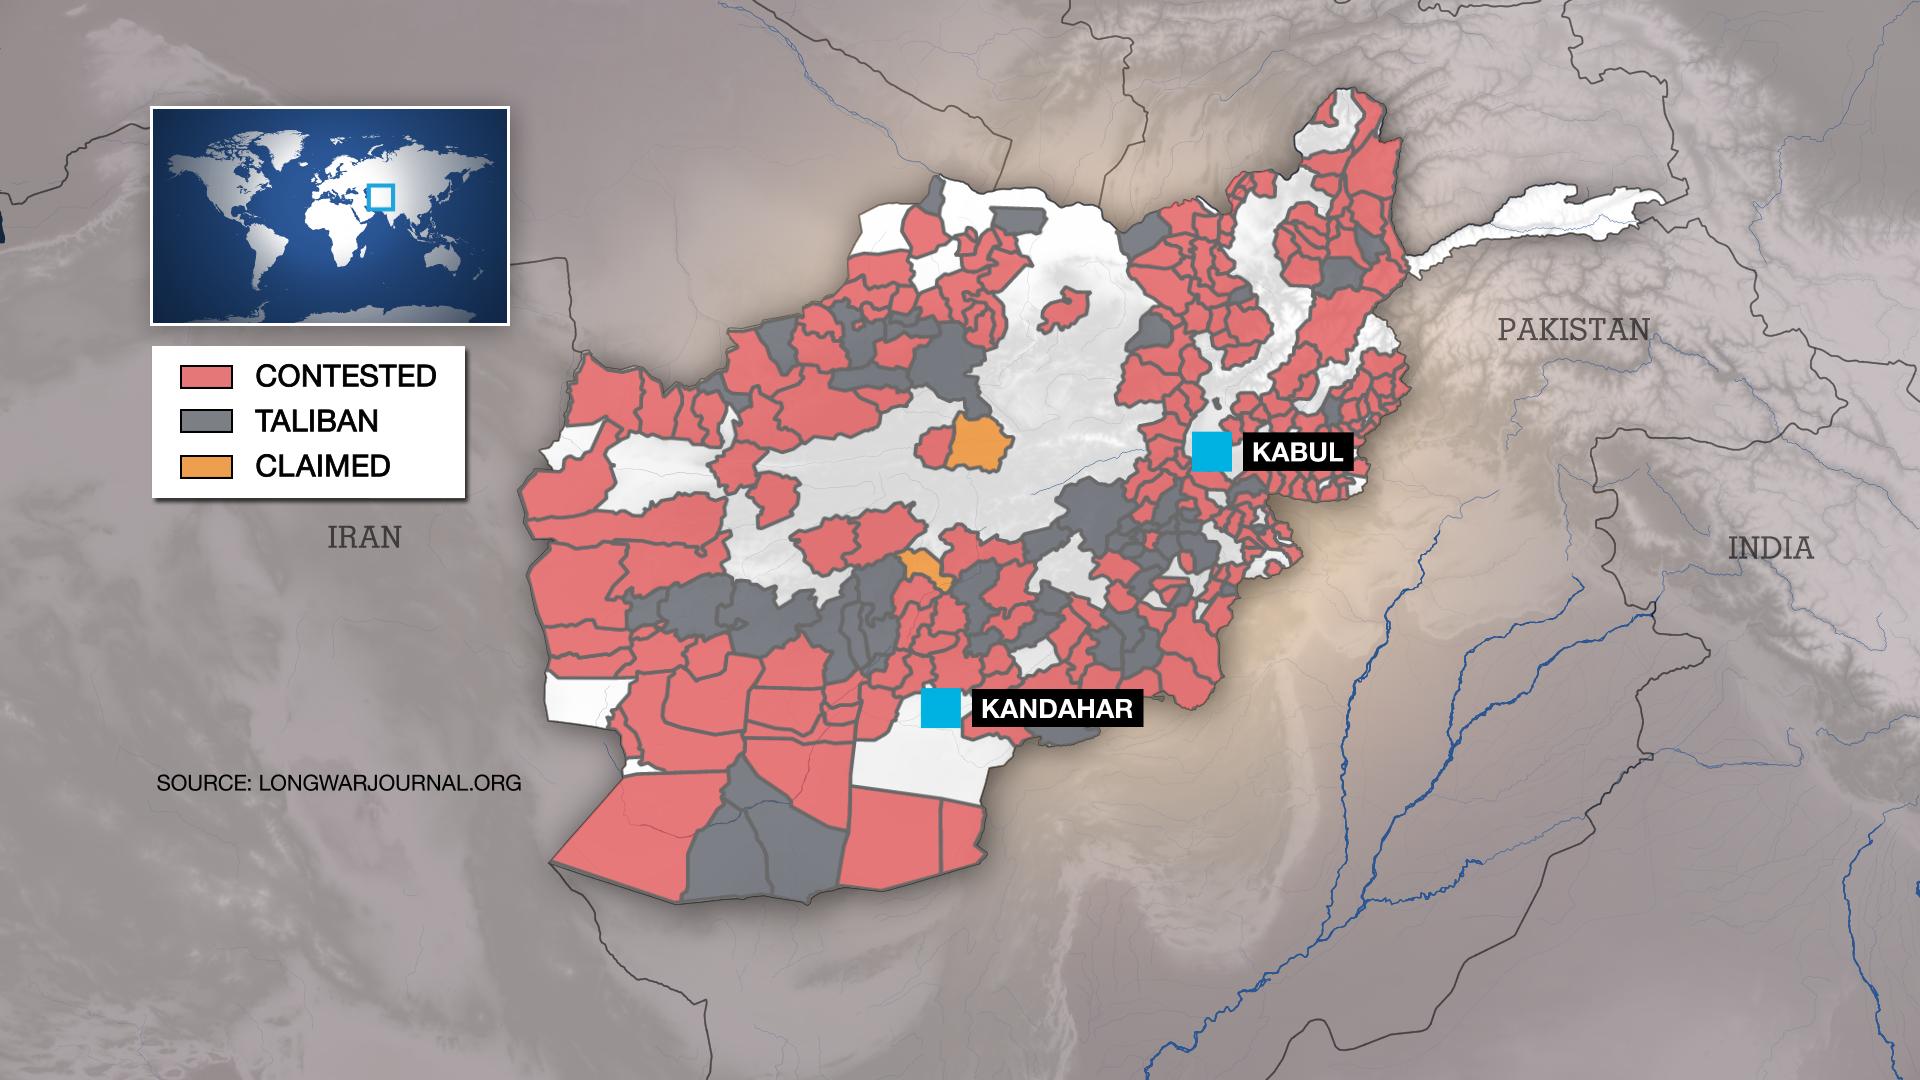 Taliban territory